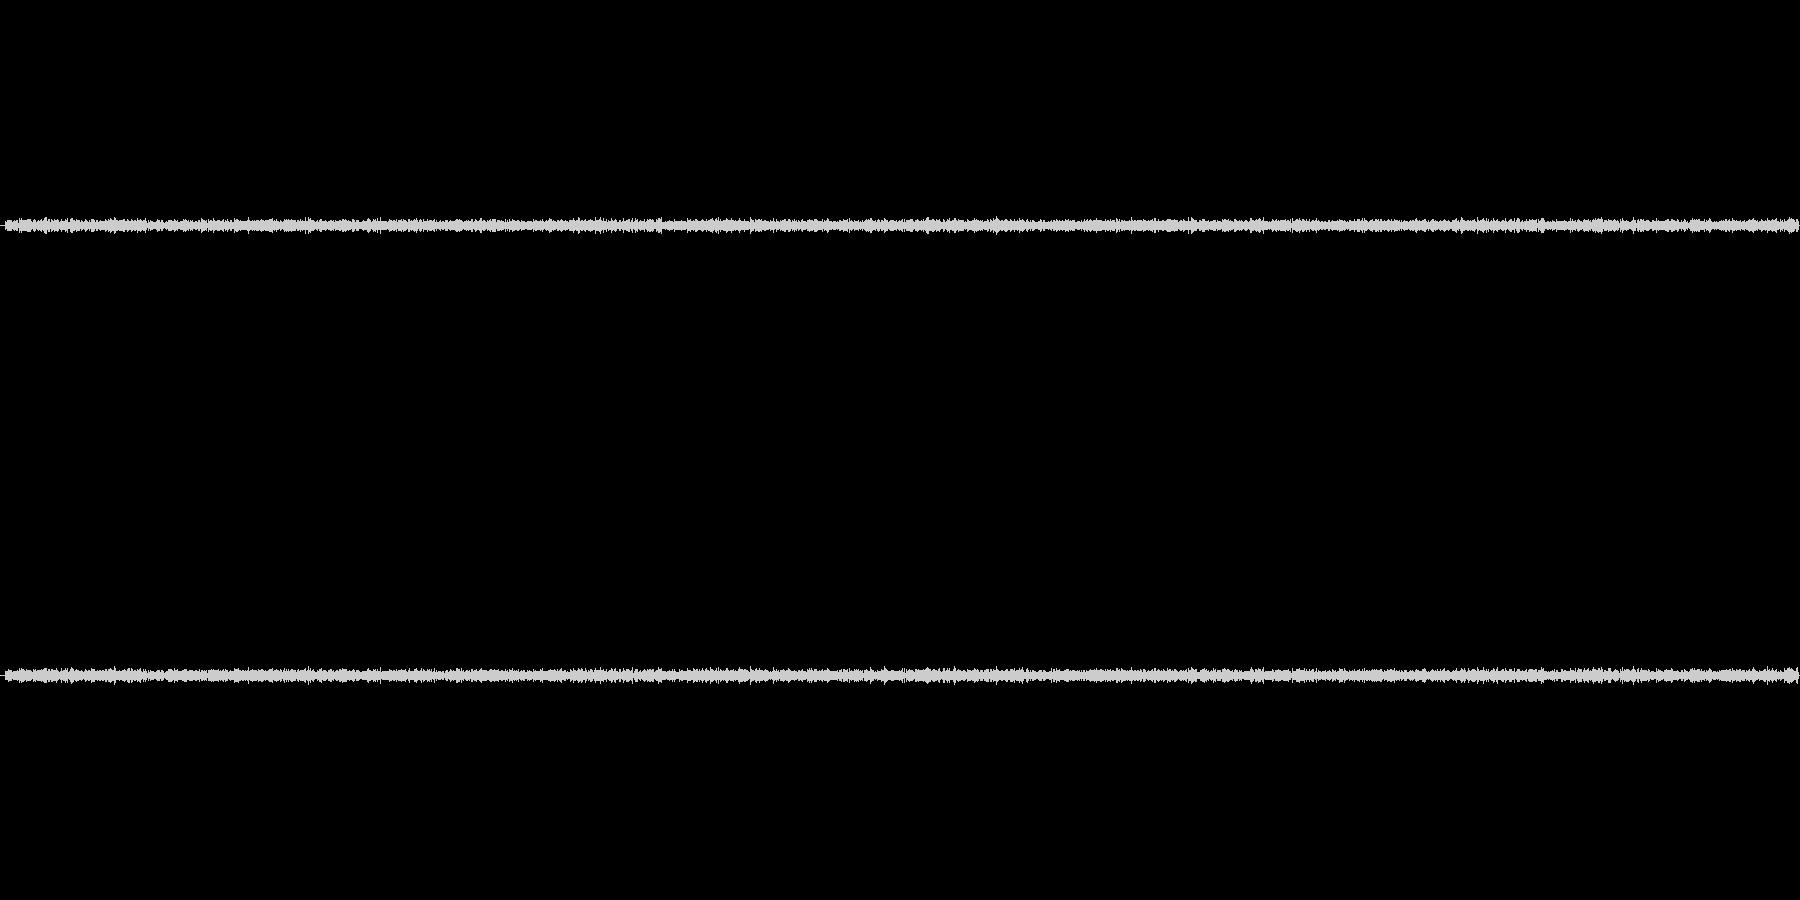 電子レンジの稼働音ですの未再生の波形